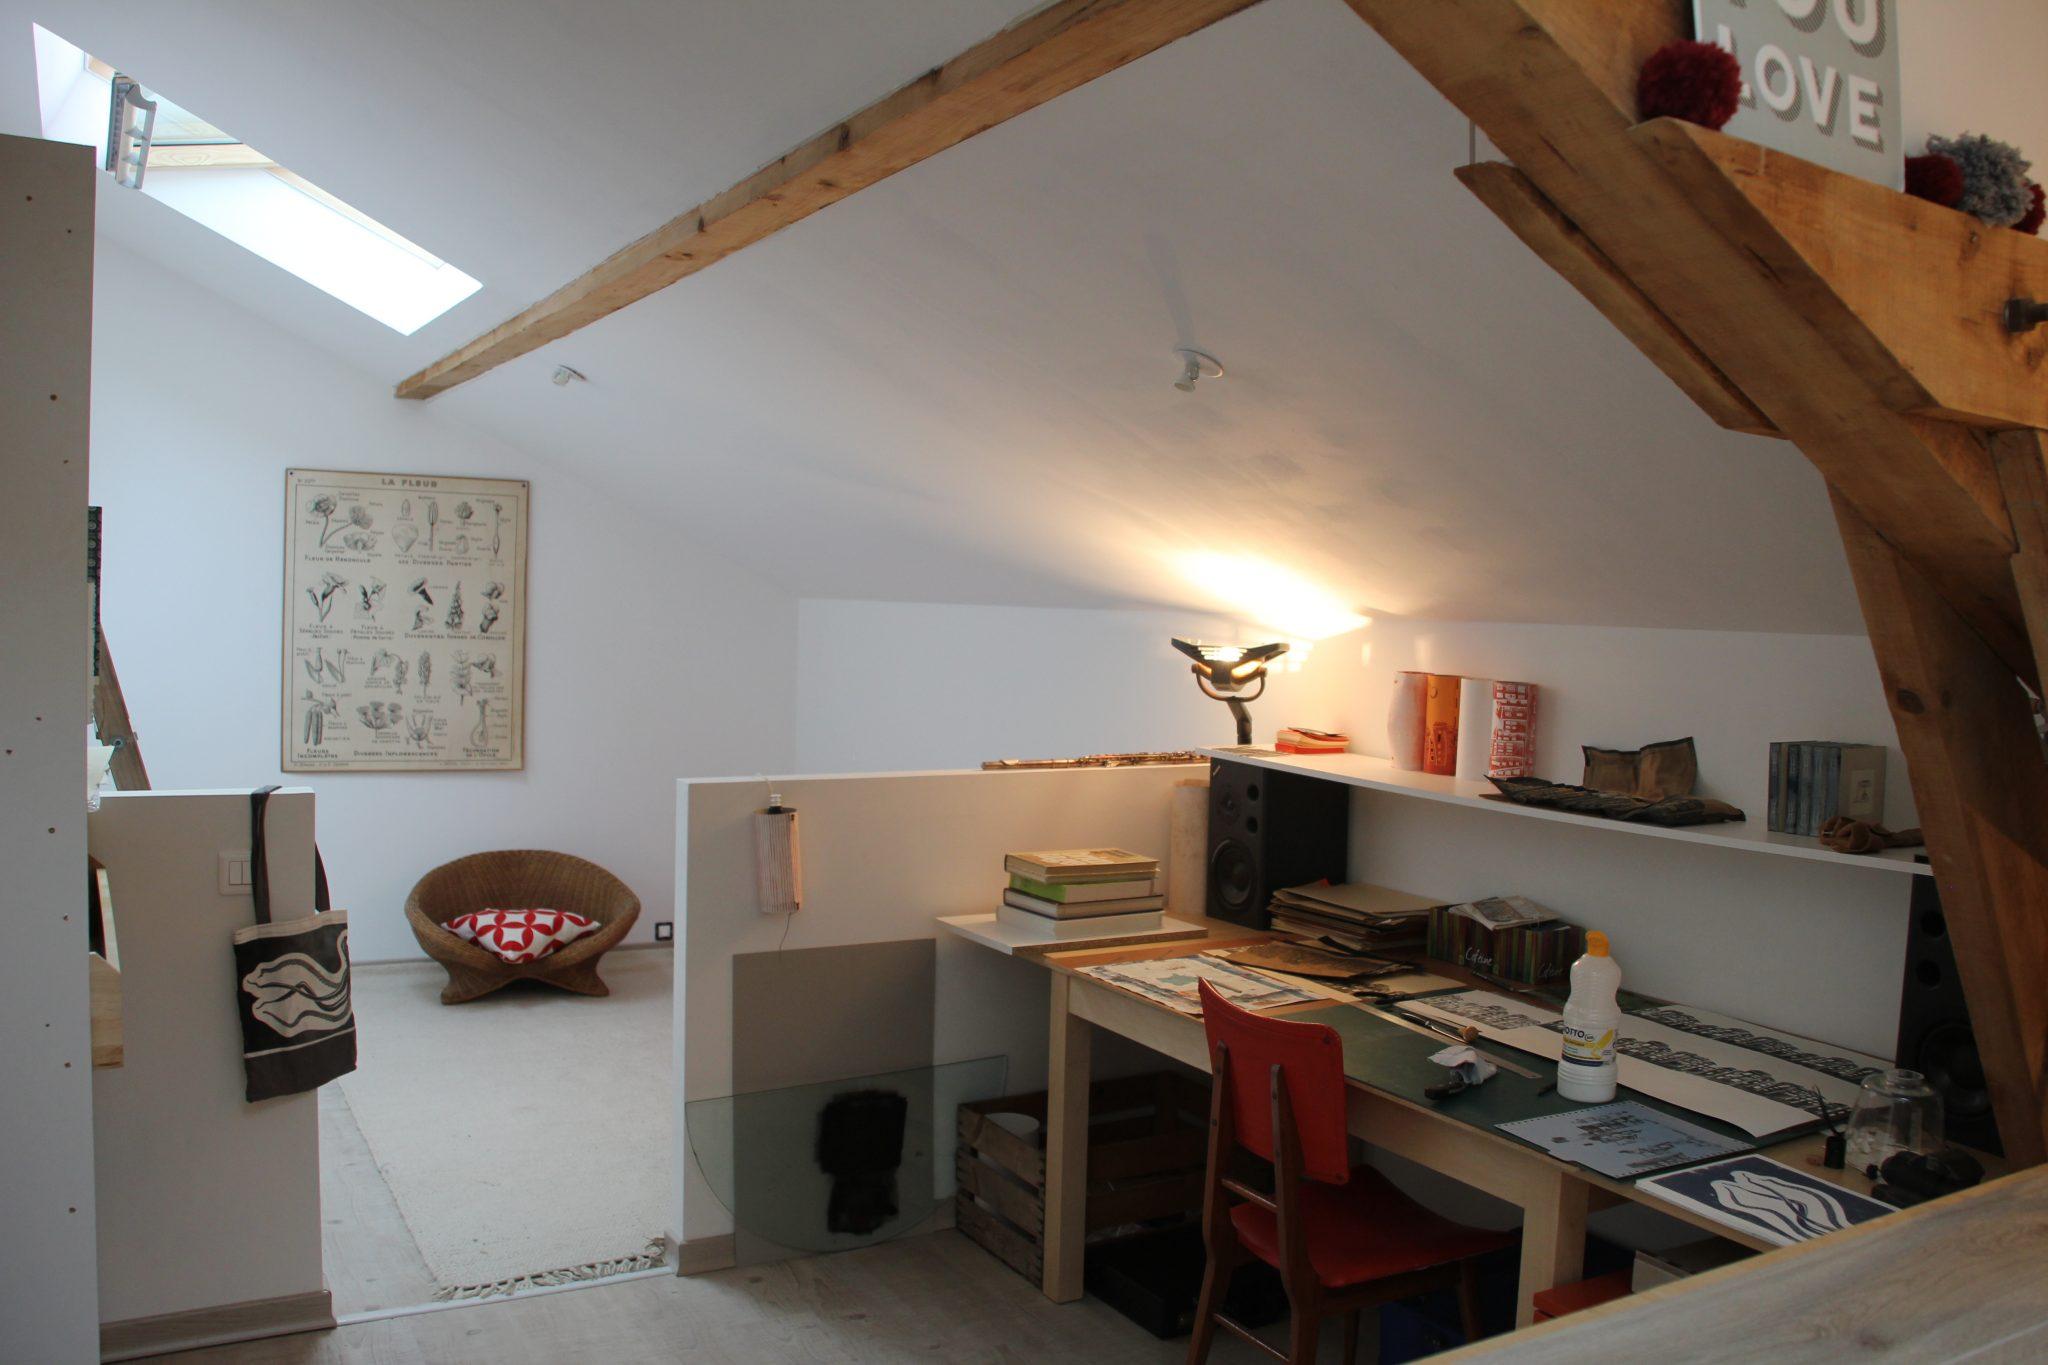 atelier   LinoLino   Linogravure   Créations artisanales